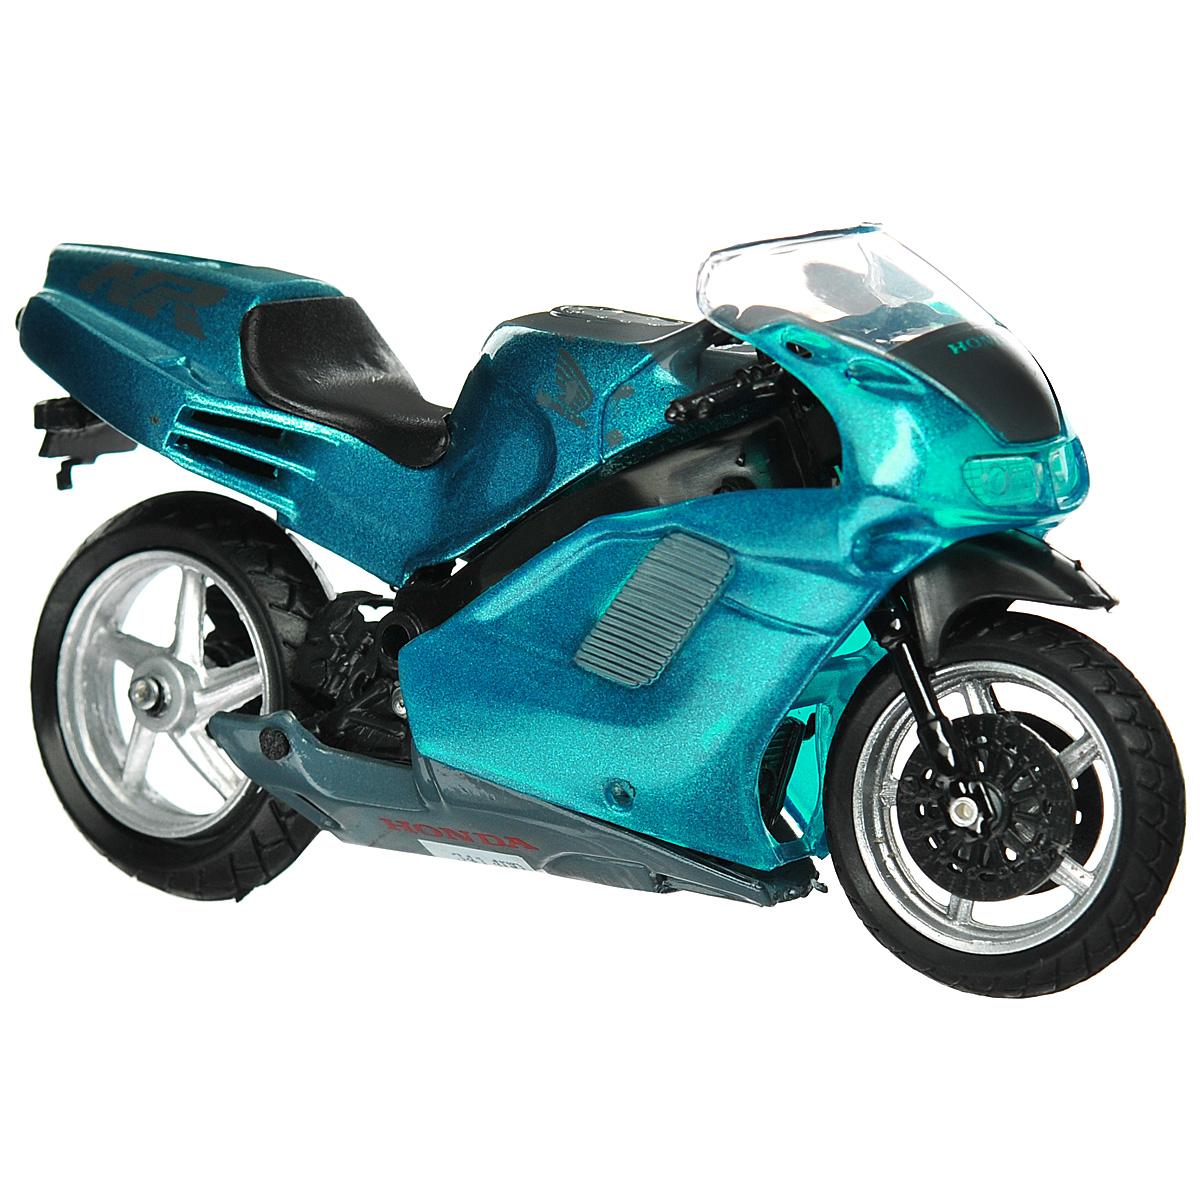 Autotime Коллекционная модель мотоцикла Honda NR, цвет: темно-бирюзовый. Масштаб 1/18 autotime коллекционная модель автомобиля saleen s7 цвет оранжевый масштаб 1 18